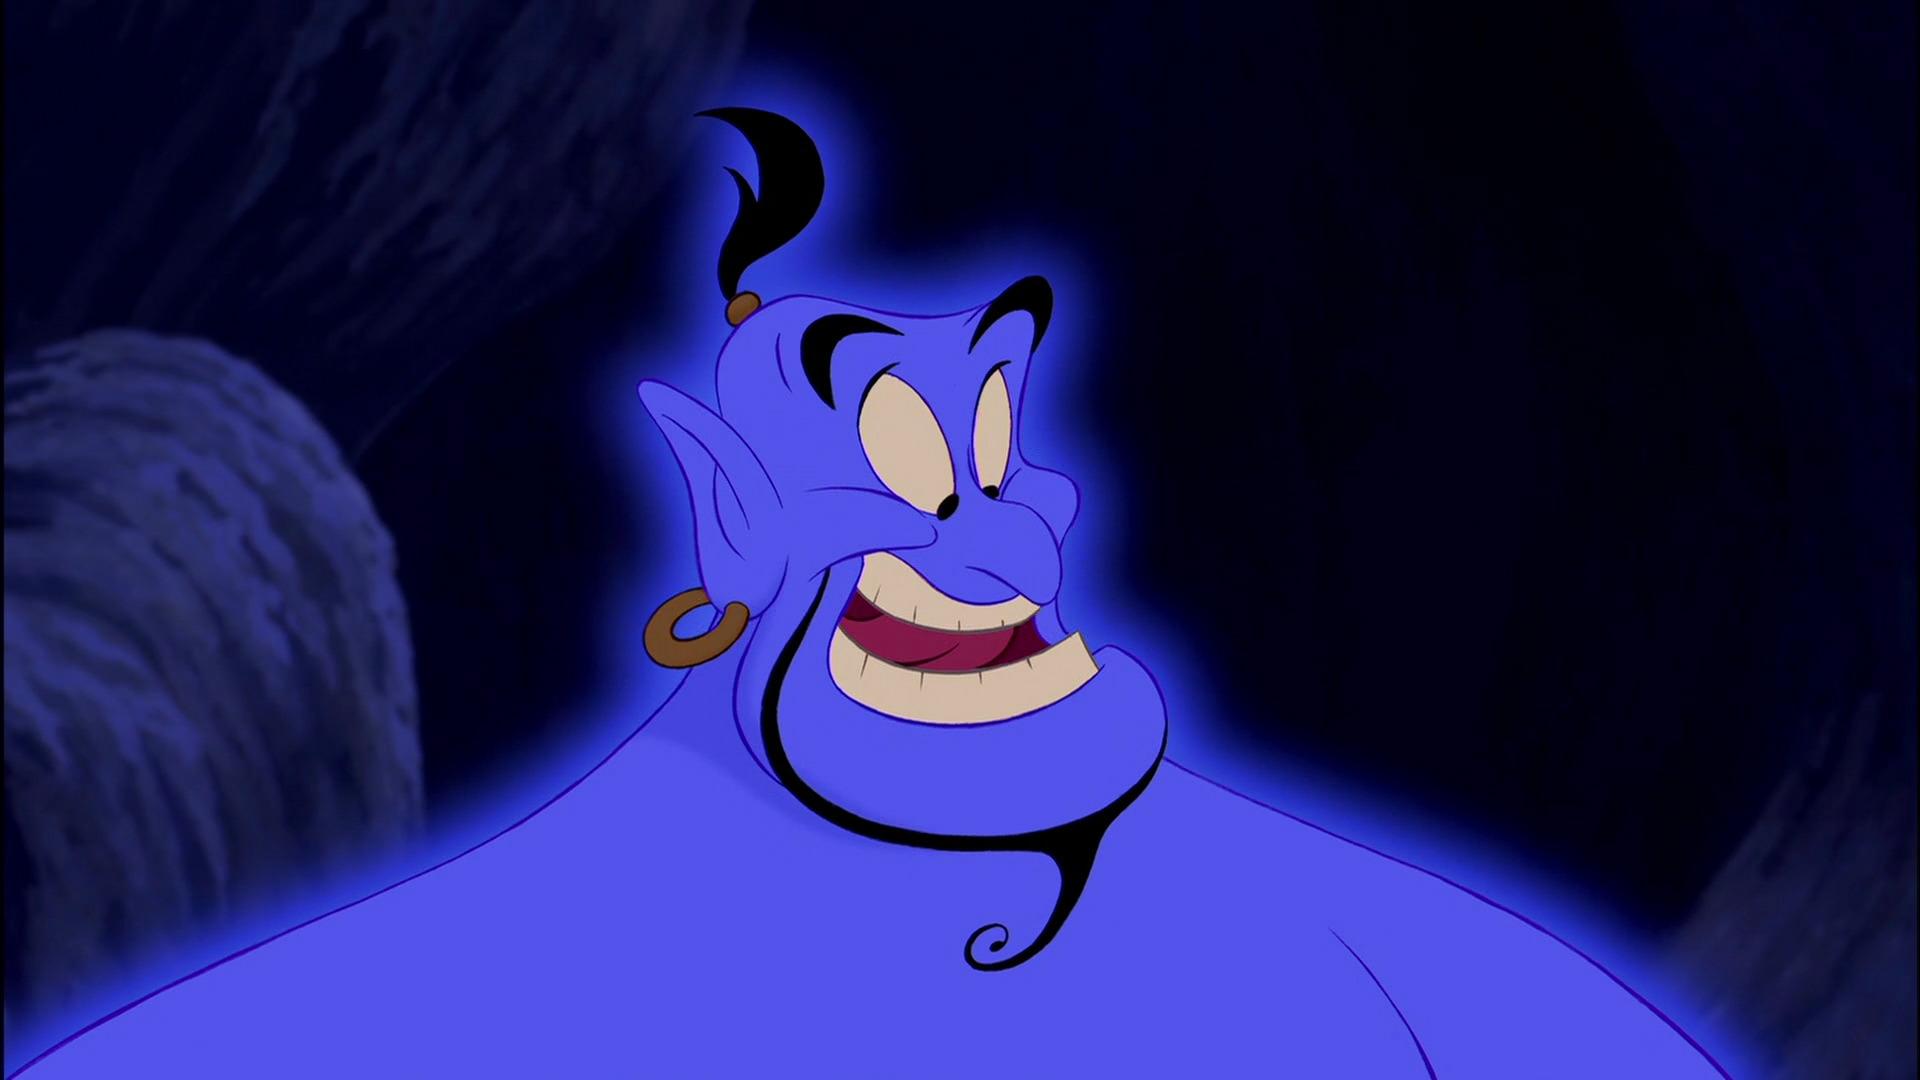 Genie | Japanese Anime Wiki | FANDOM powered by Wikia for Genie Aladdin Quotes  570bof